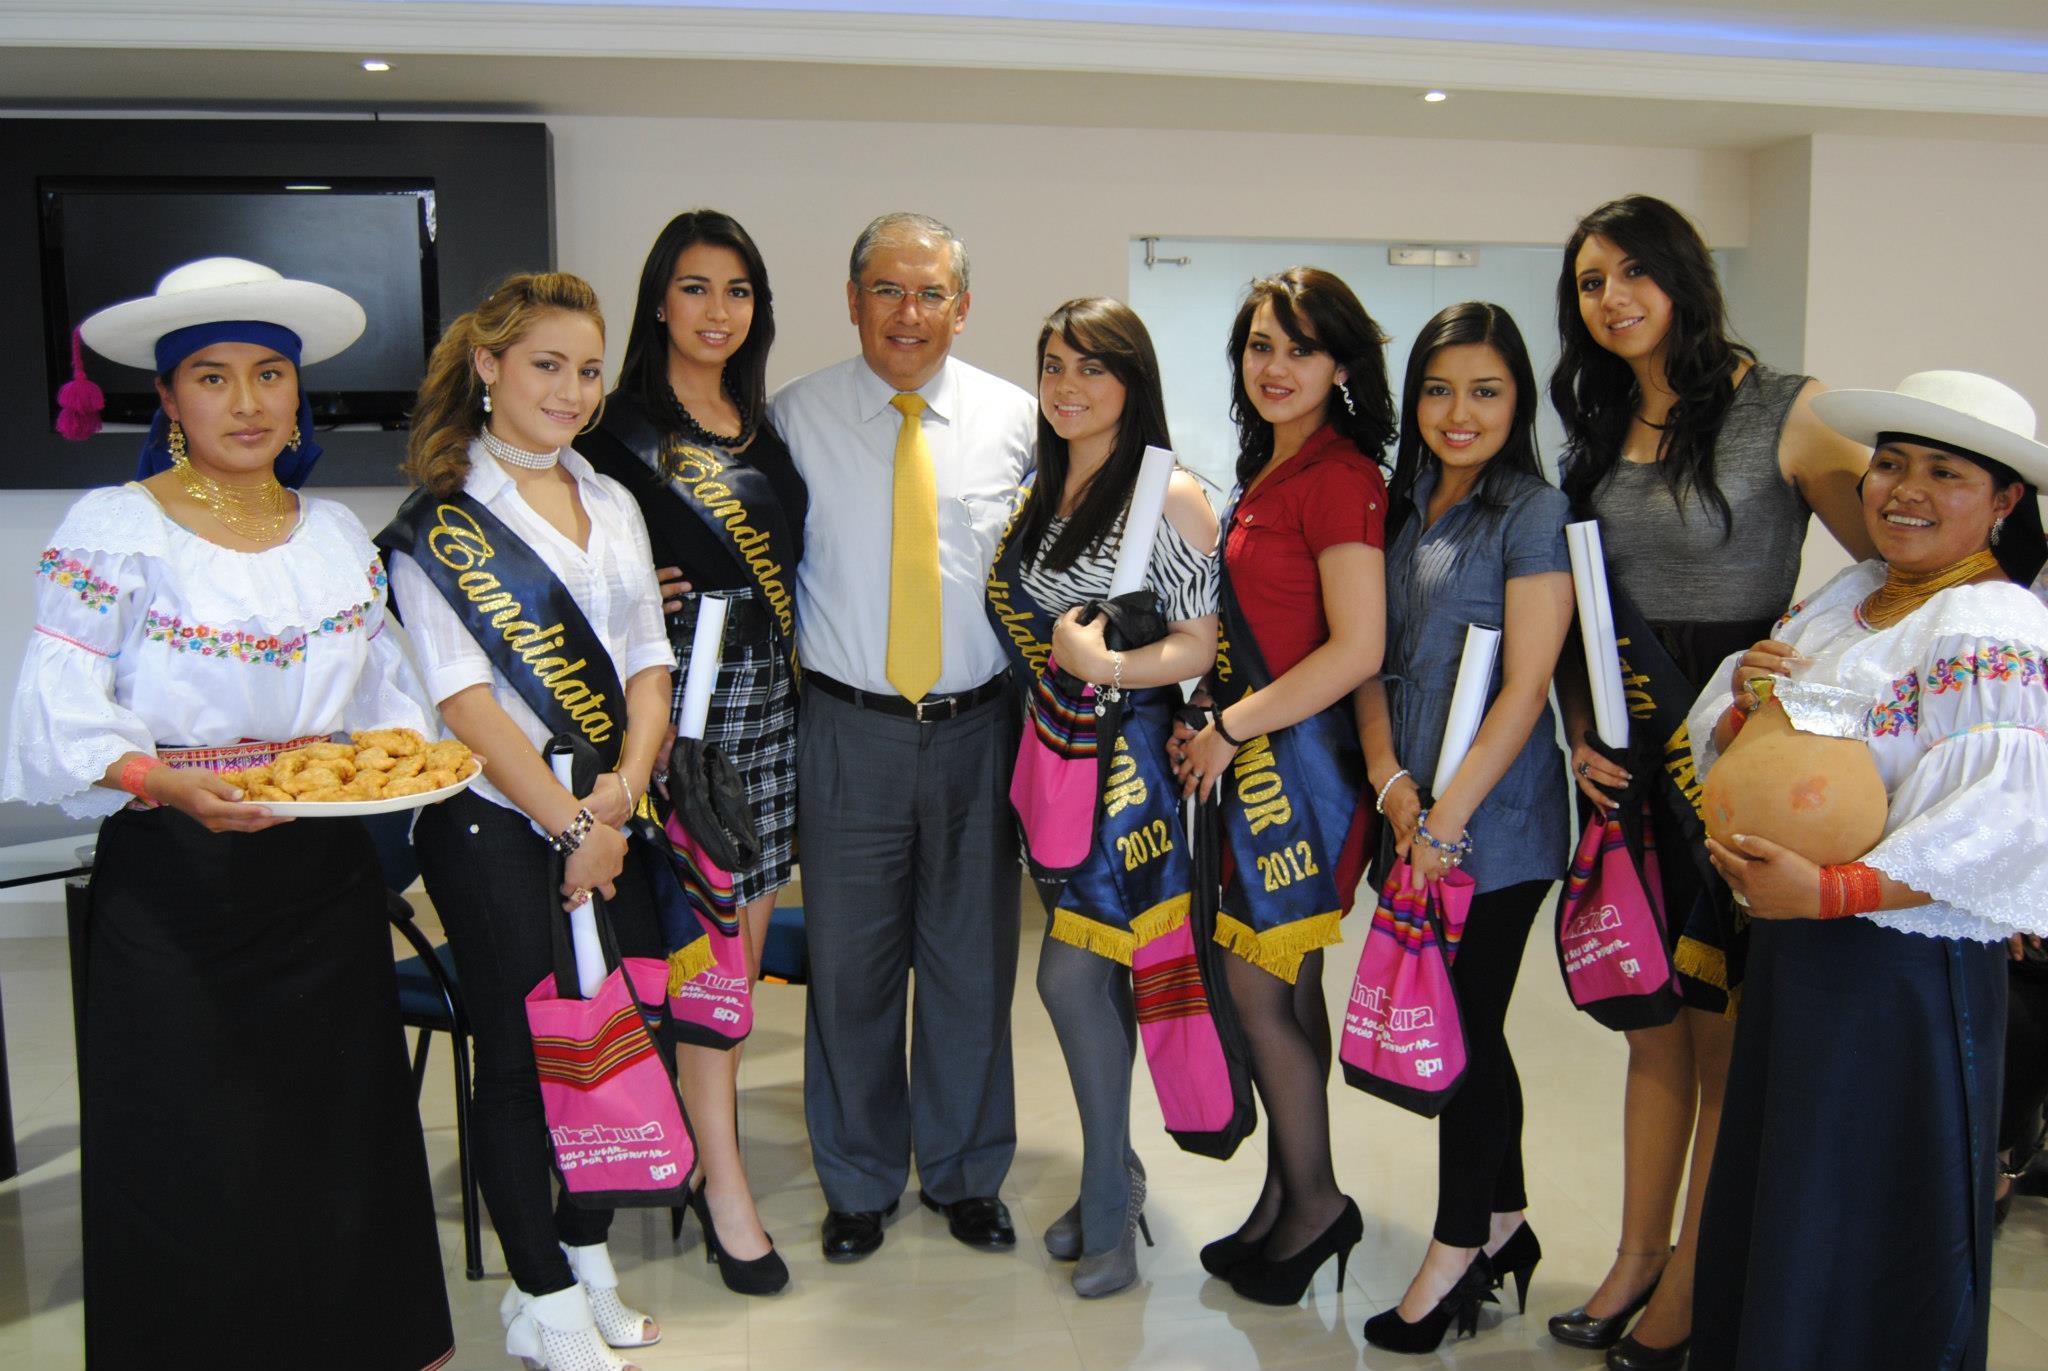 Candidatas a Reina del Yamor 2012, en visita al Prefecto de Imbabura Ing. Diego Garc�a. foto: Gobierno Provincial de Imbabura